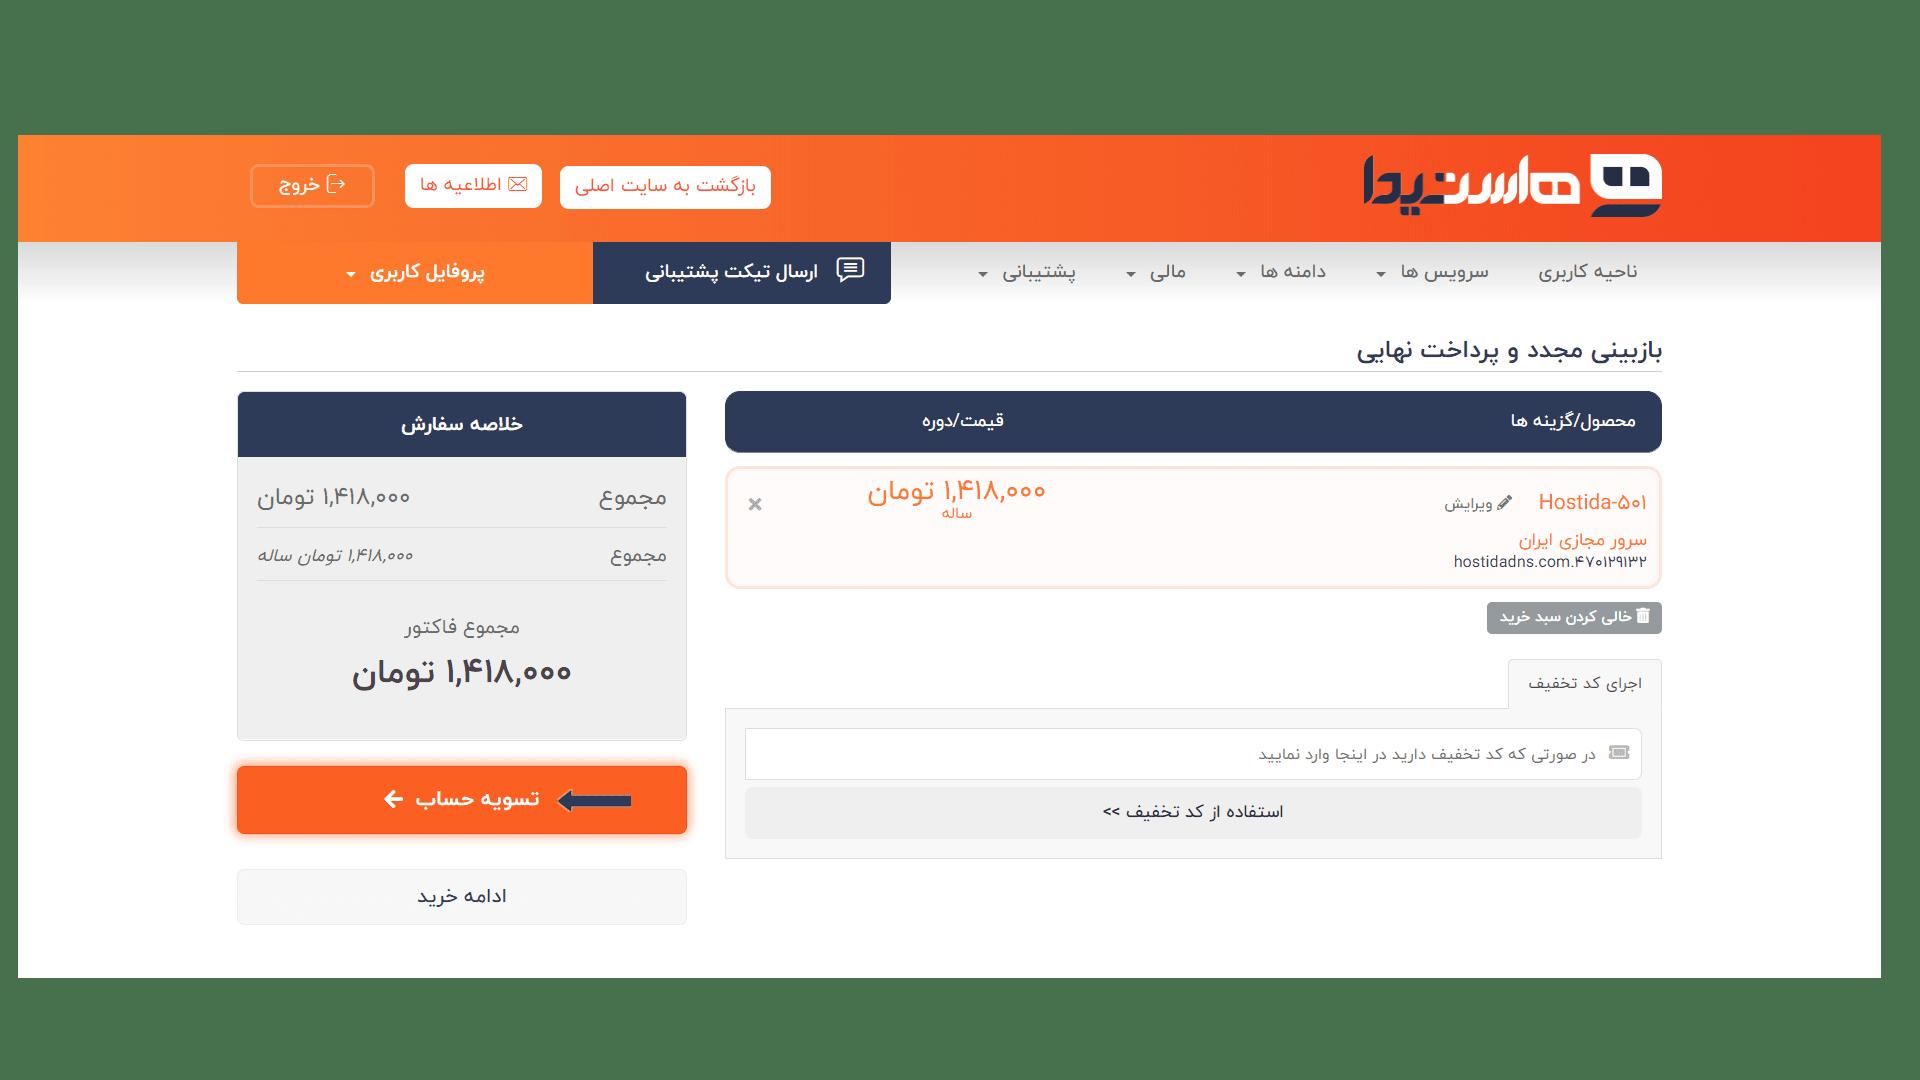 بازبینی سفارش و پرداخت نهایی - آموزش خرید سرور مجازی ایران